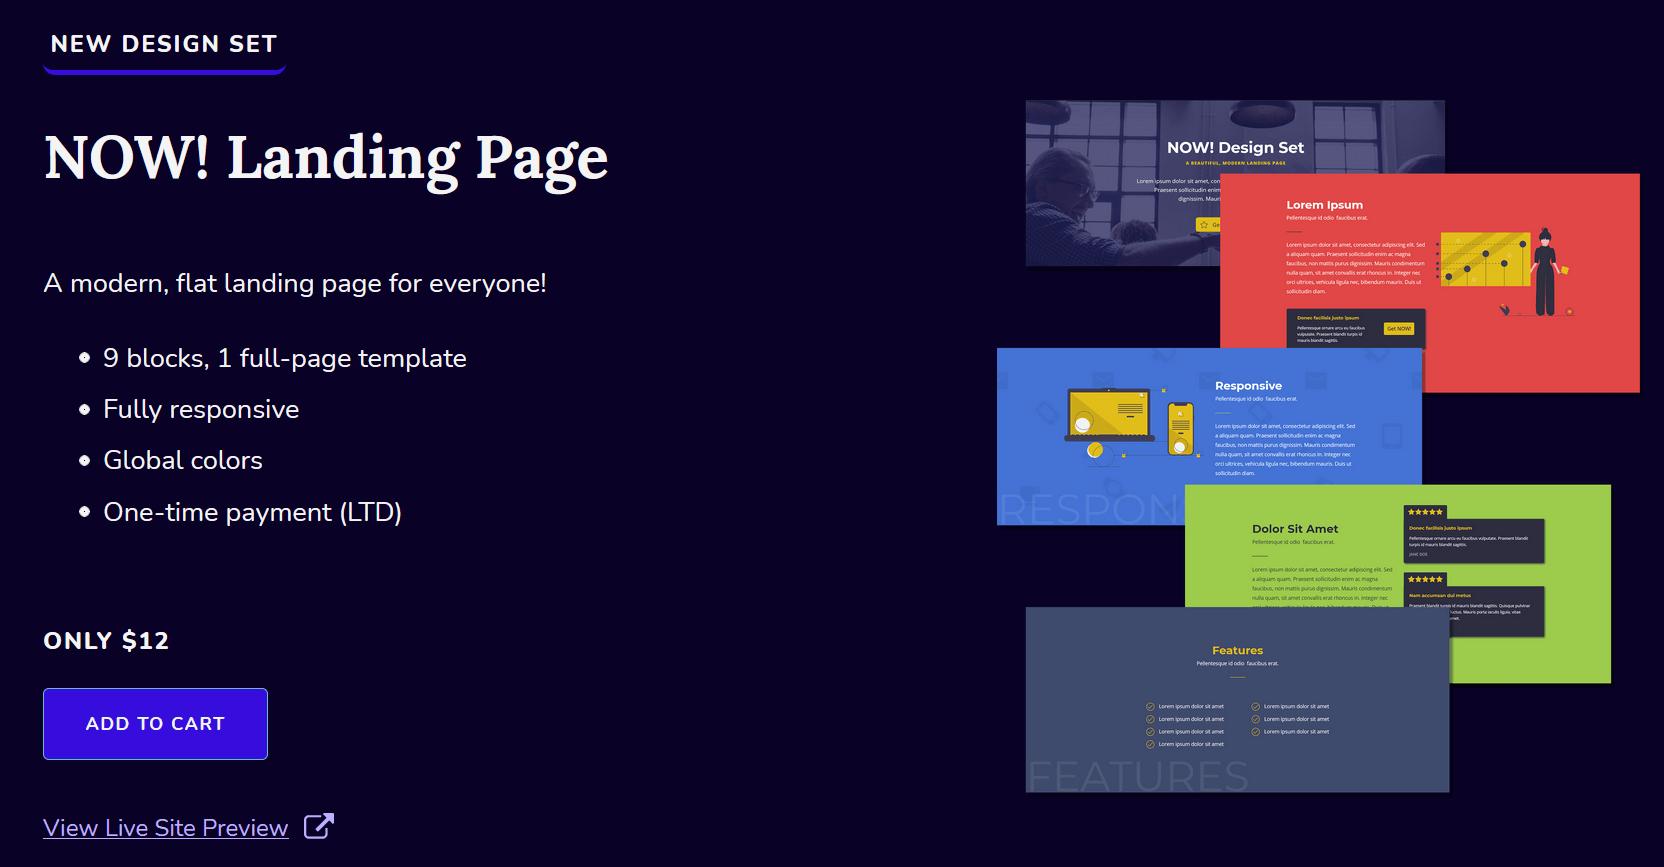 Landing Page design set for Oxygen Builder